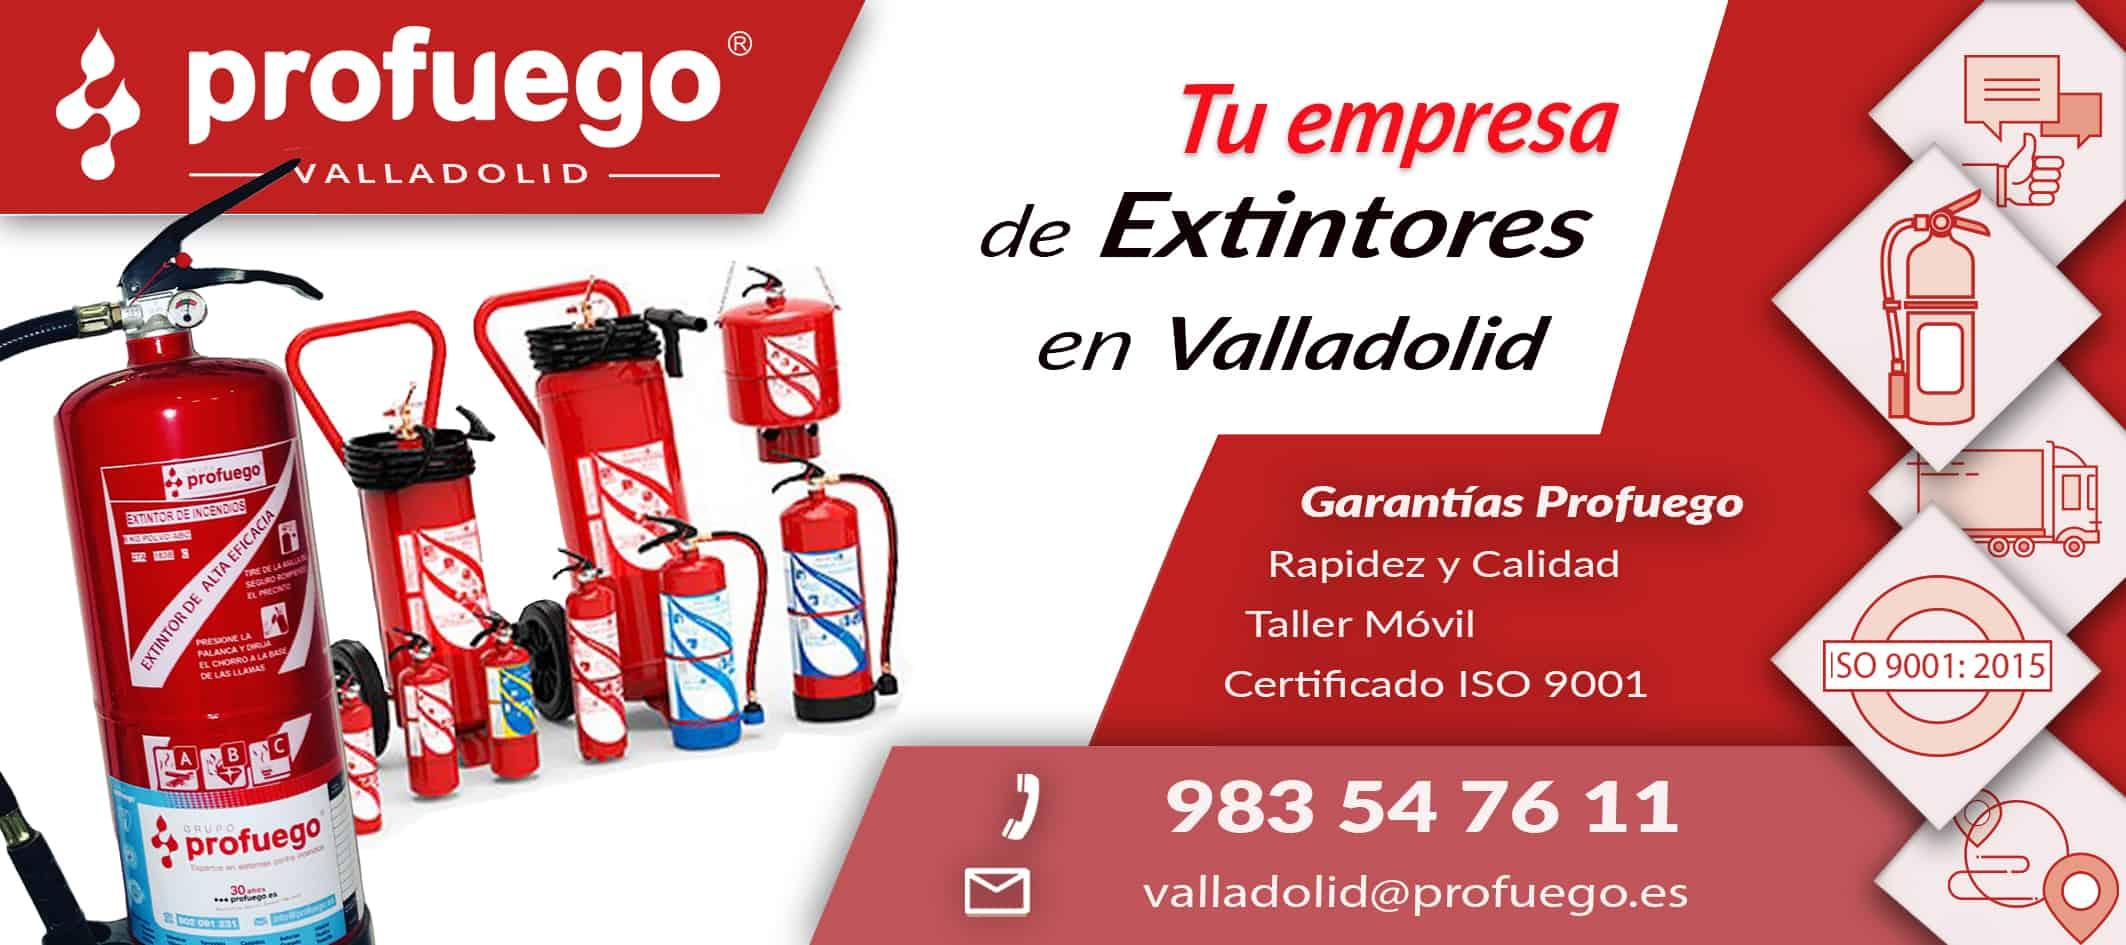 extintores valladolid